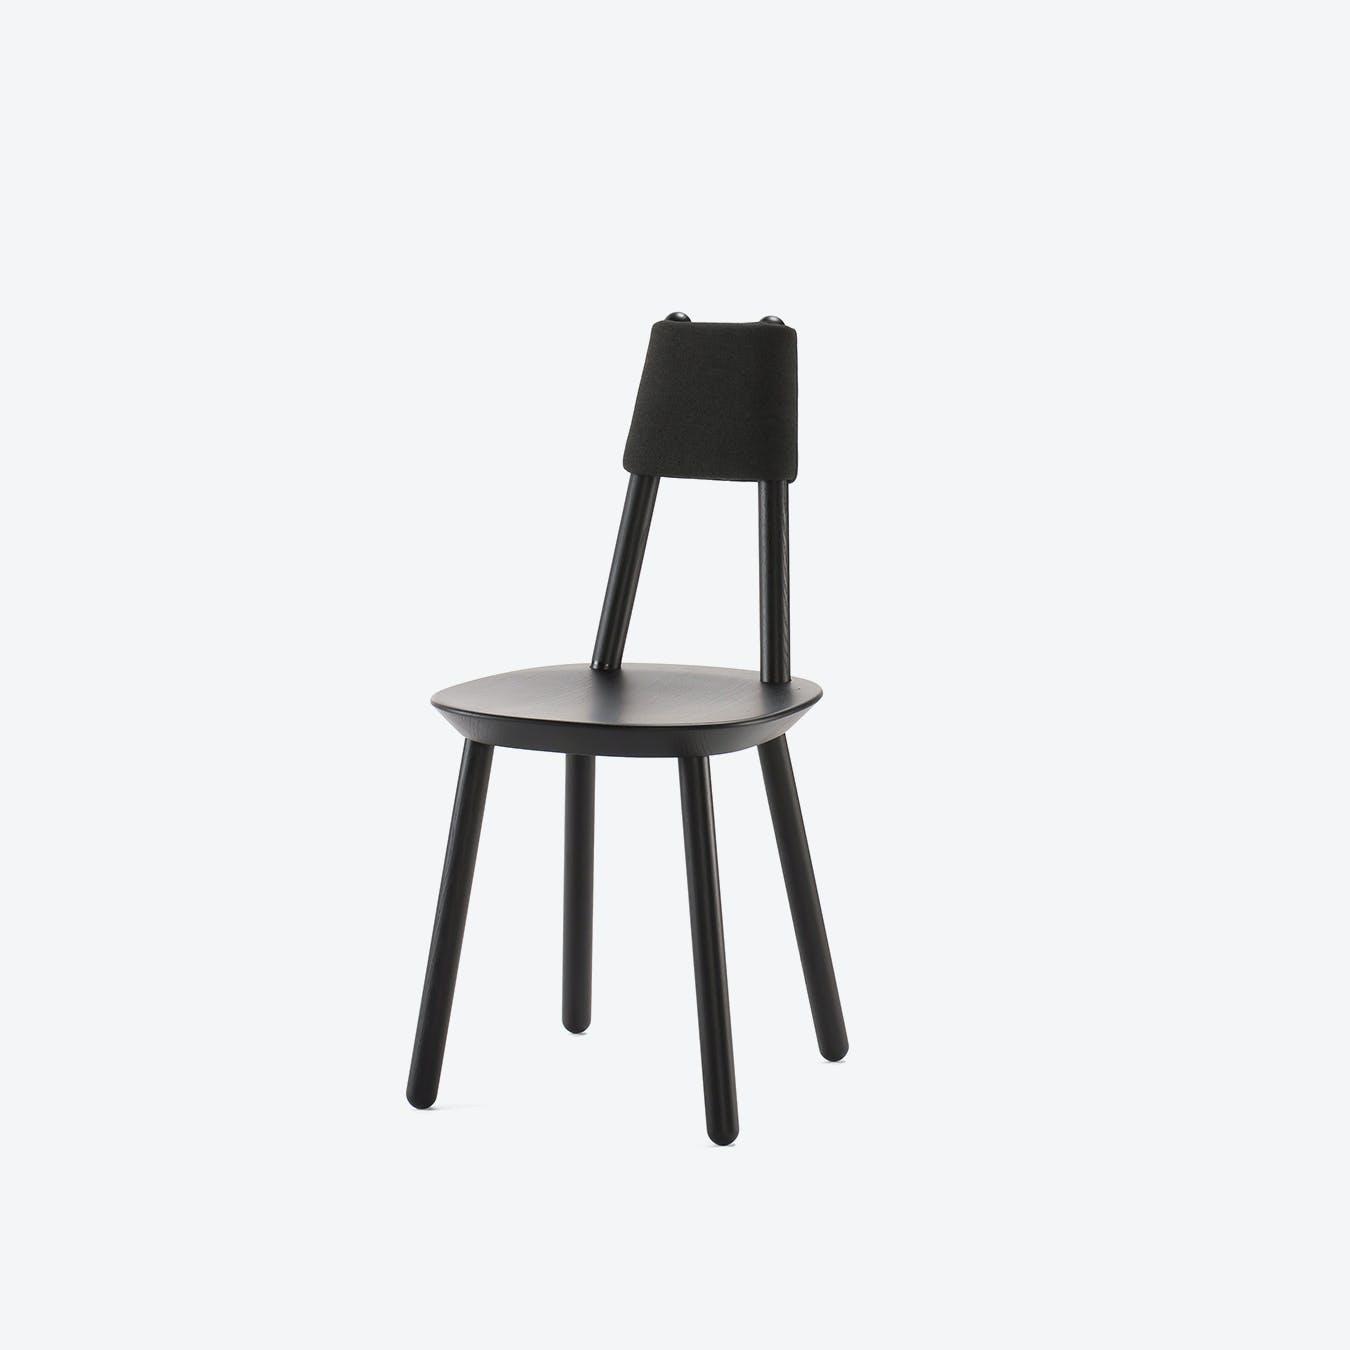 Naïve Chair in Black